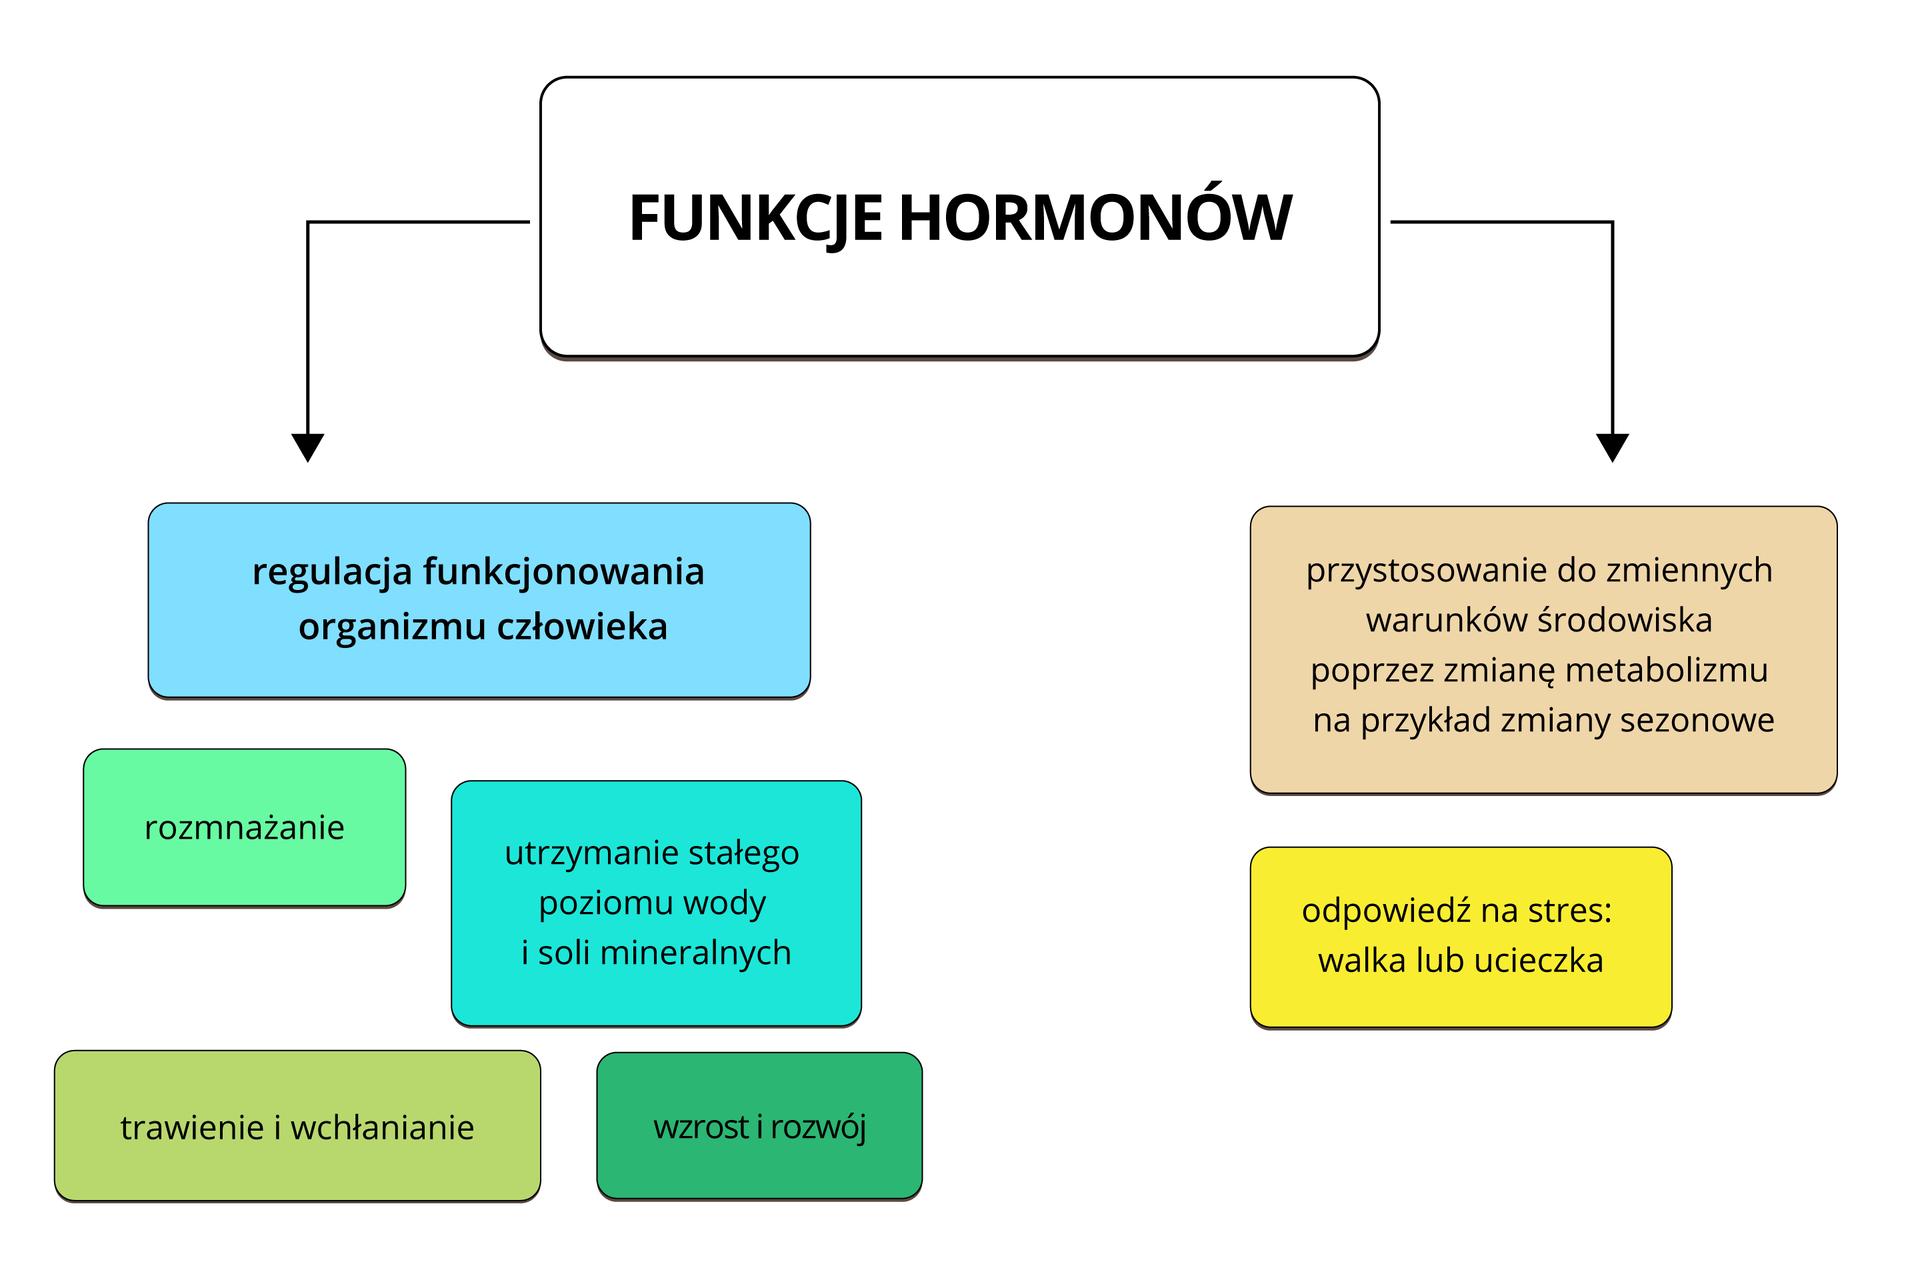 Ilustracja przedstawia schemat blokowy. Wkolorowych prostokątach opisano funkcje hormonów. Informuje otym biały prostokąt na samej górze. Po lewej strzałka wdół prowadzi do turkusowego prostokąta, regulacji funkcjonowania organizmu człowieka. Hormony za to odpowiedzialne działają na: rozmnażanie (mały, niebieskozielony prostokąt), utrzymanie stałego poziomu wody isoli mineralnych (błękitny prostokąt), trawienie iwchłanianie (oliwkowy prostokąt), wzrost irozwój (zielononiebieski prostokąt). Po prawej strzałka wdół prowadzi do: procesów adaptacyjnych (pomarańczowy prostokąt), odpowiedzi na stres: walka lub ucieczka (żółty prostokąt), przystosowania do zmiennych warunków środowiska poprzez regulację metabolizmu, na przykład zmiany sezonowe (różowy prostokąt).